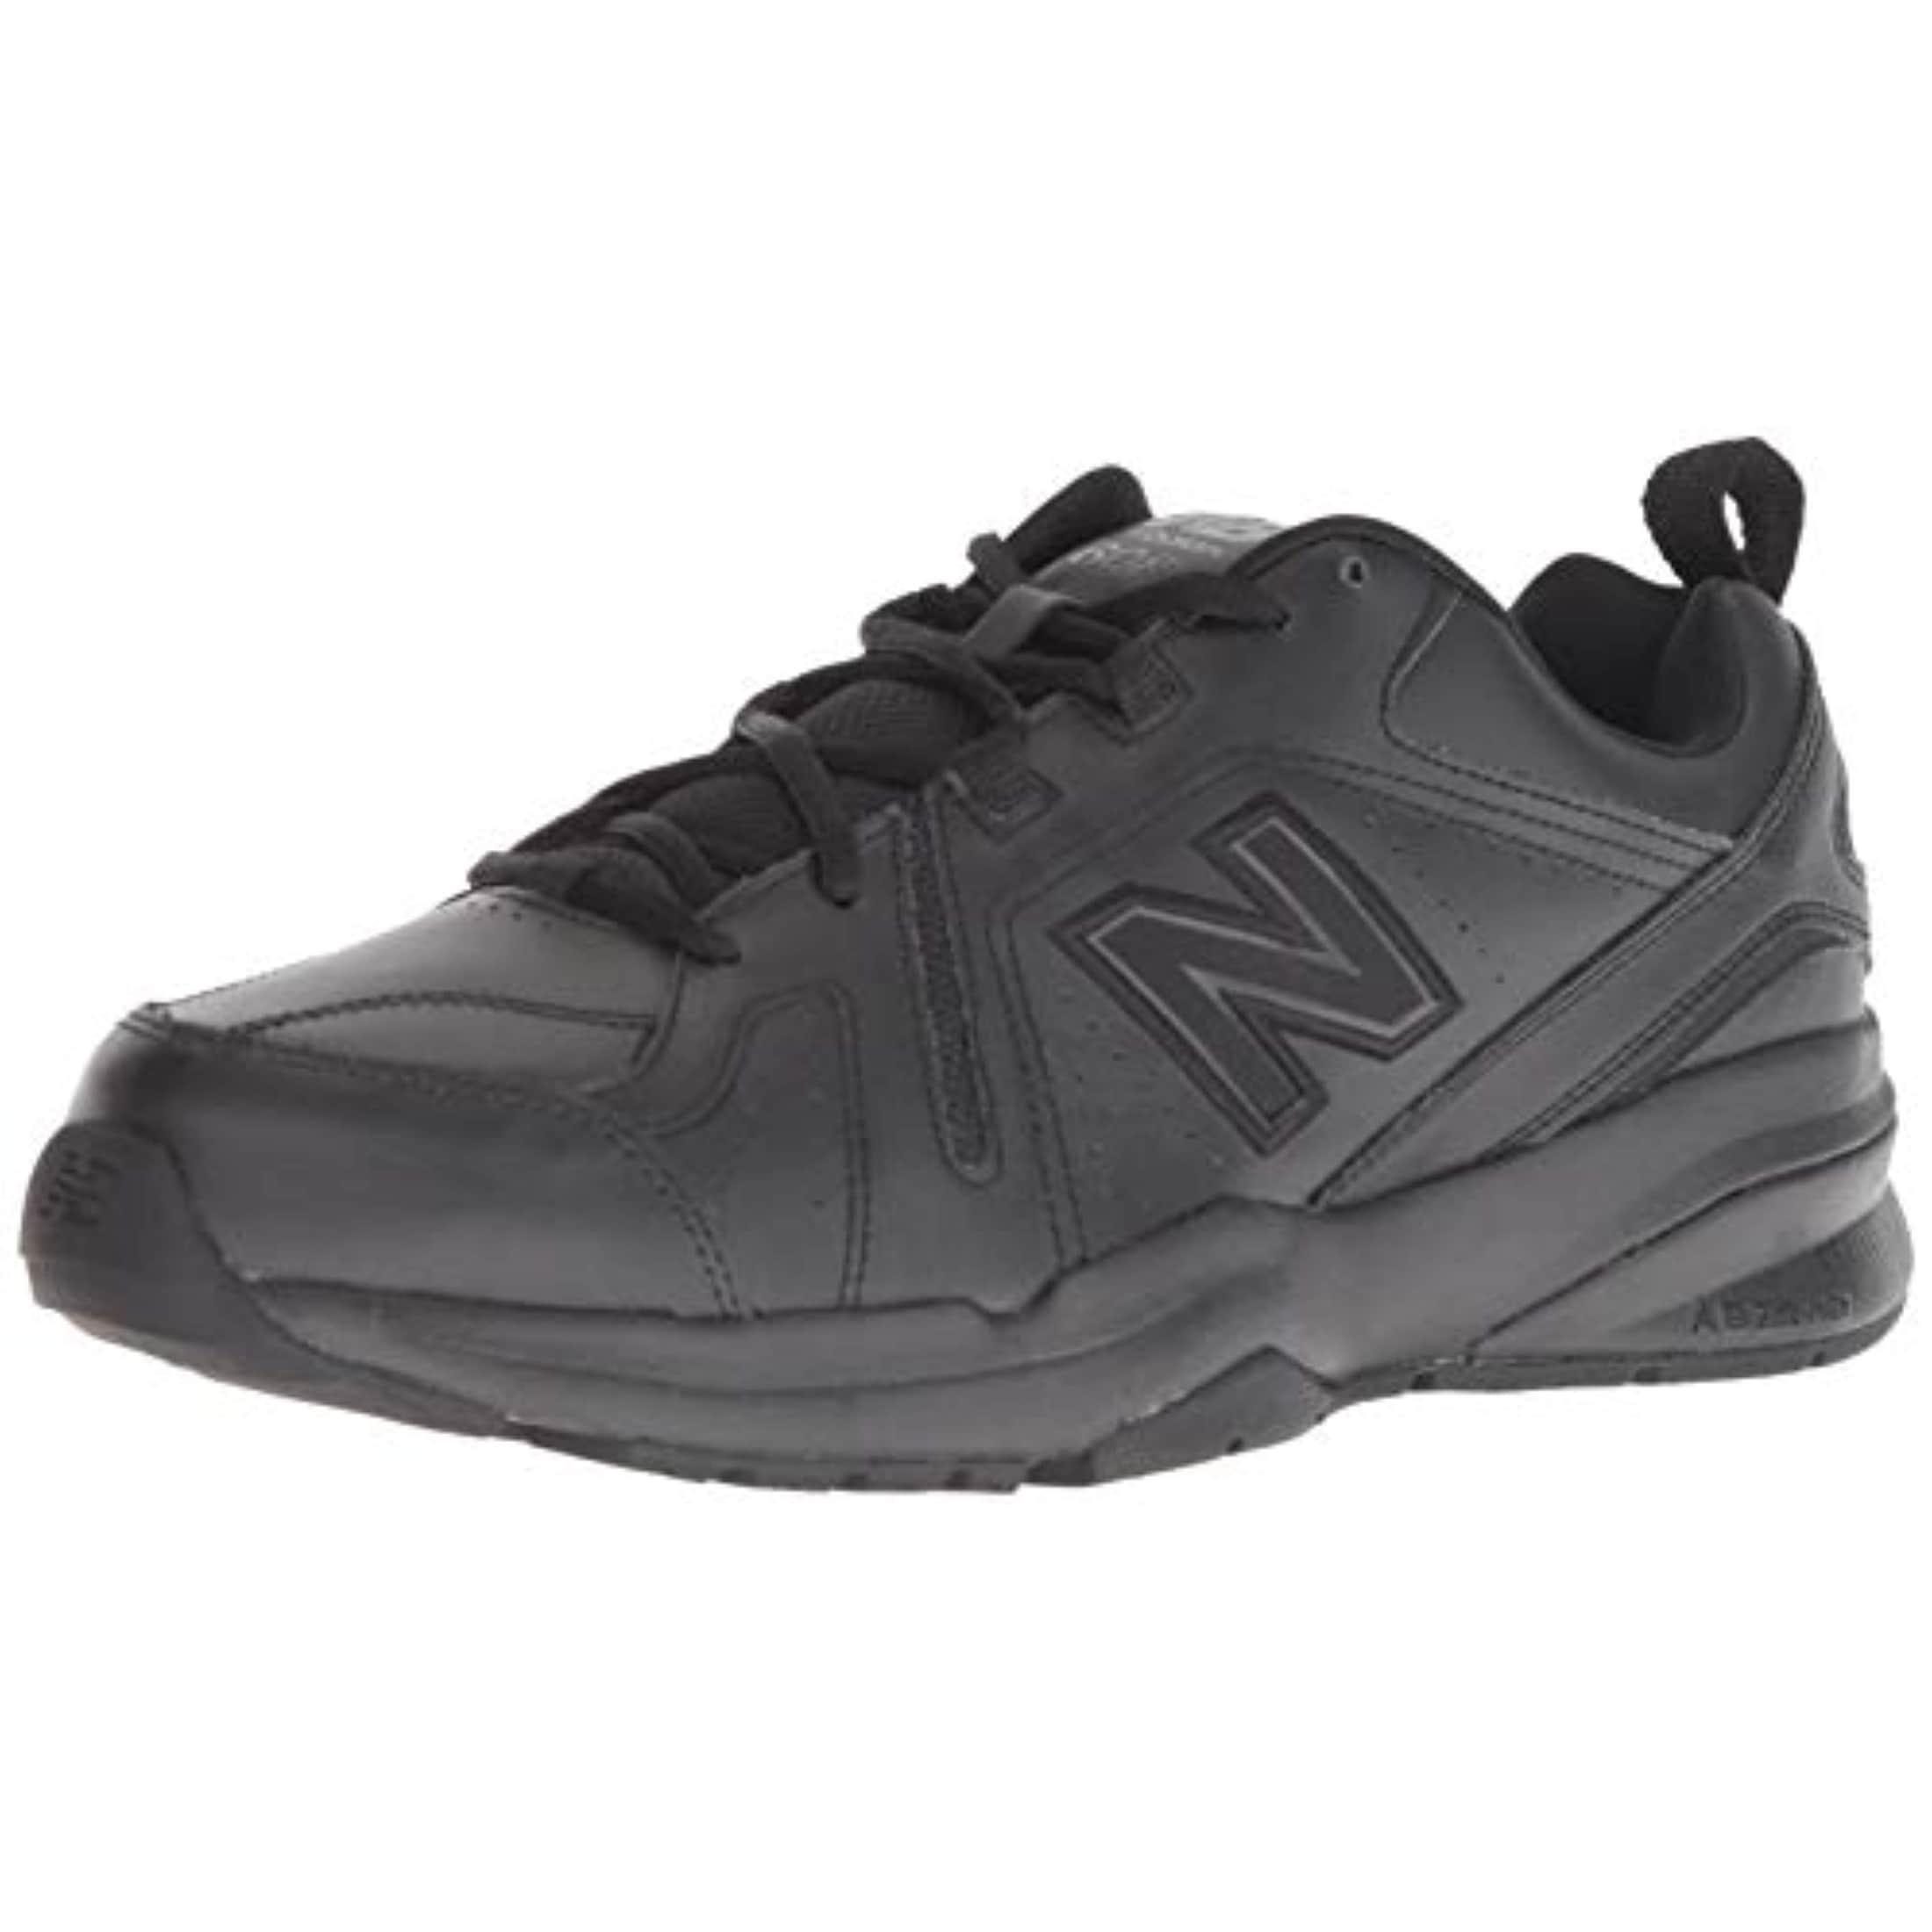 c8669d131d2b Shop New Balance Men s 608V5 Casual Comfort Cross Trainer